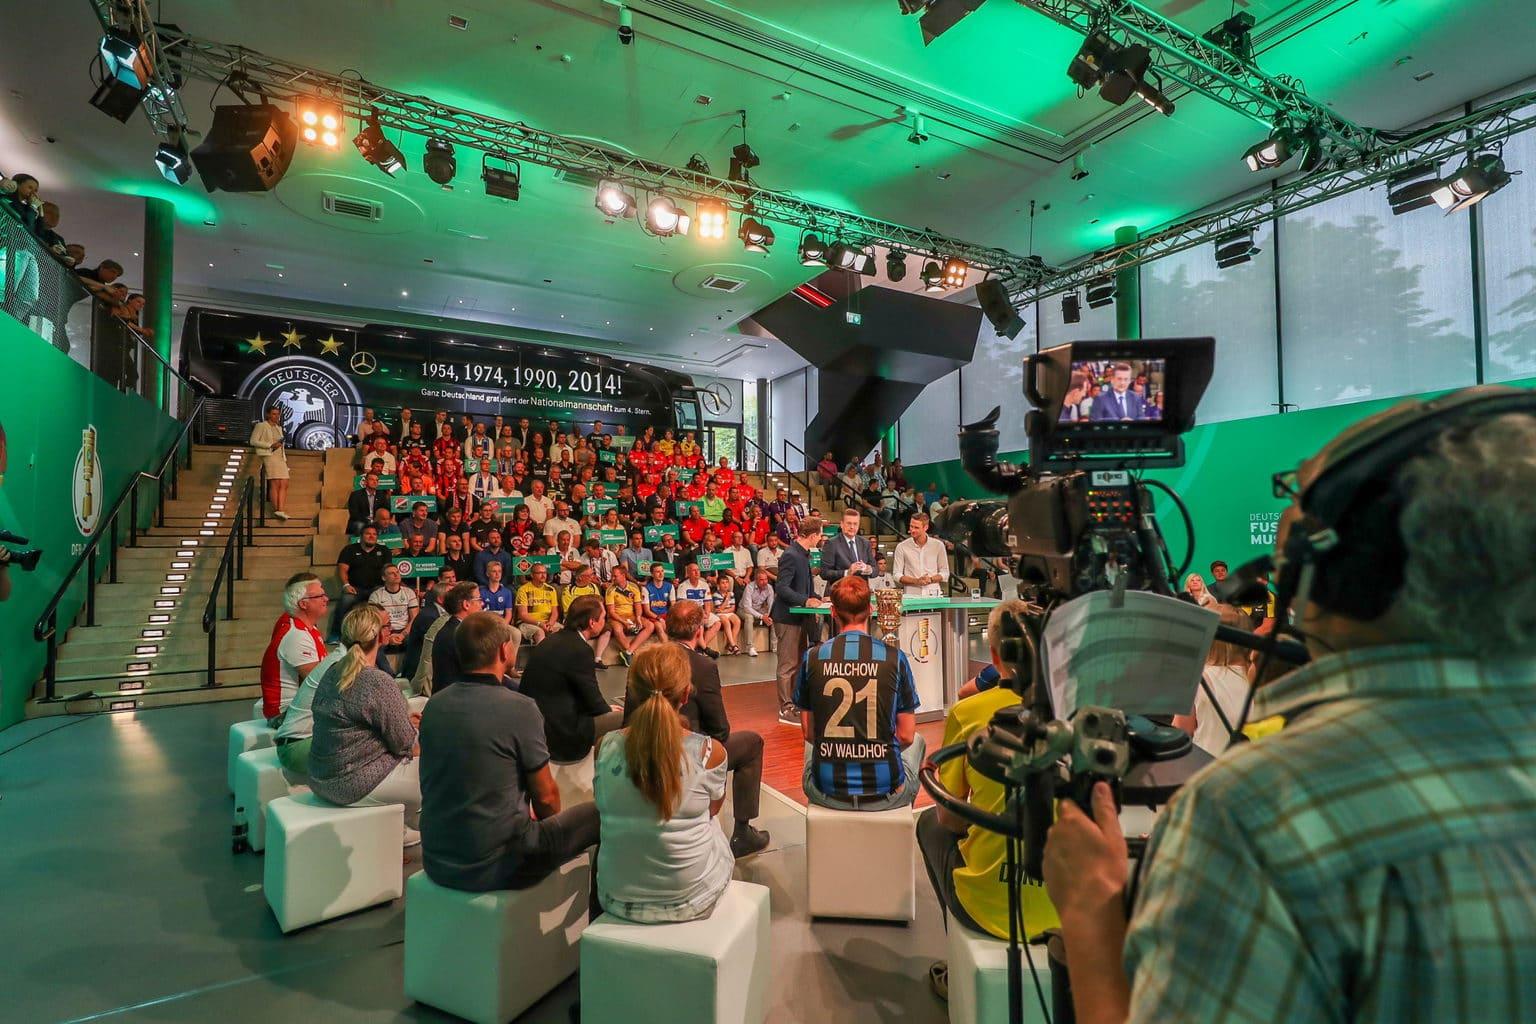 Voetbalfans tijdens de loting voor de Duitse beker in Dortmund